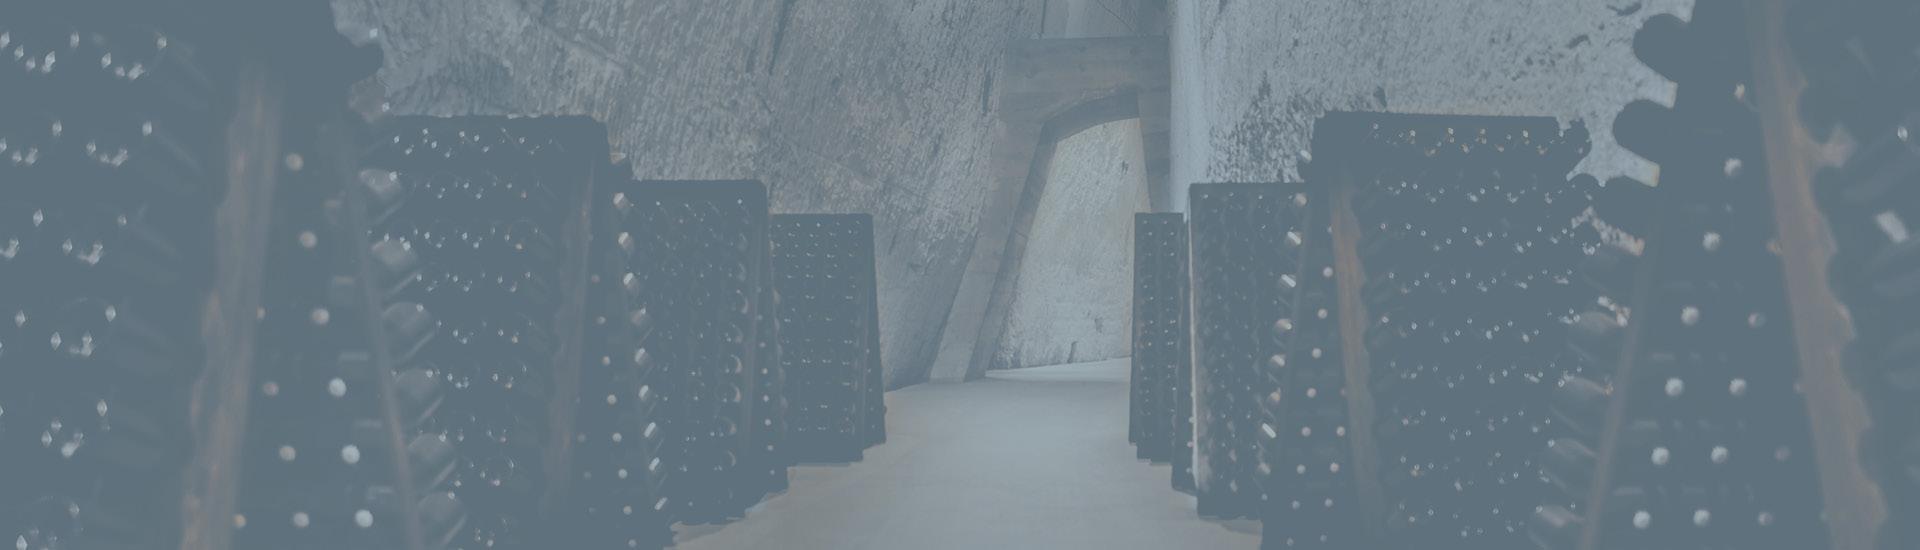 Weine - Vinorama on Tour: Unsere neuen Weingüter 06/2021 - Slider